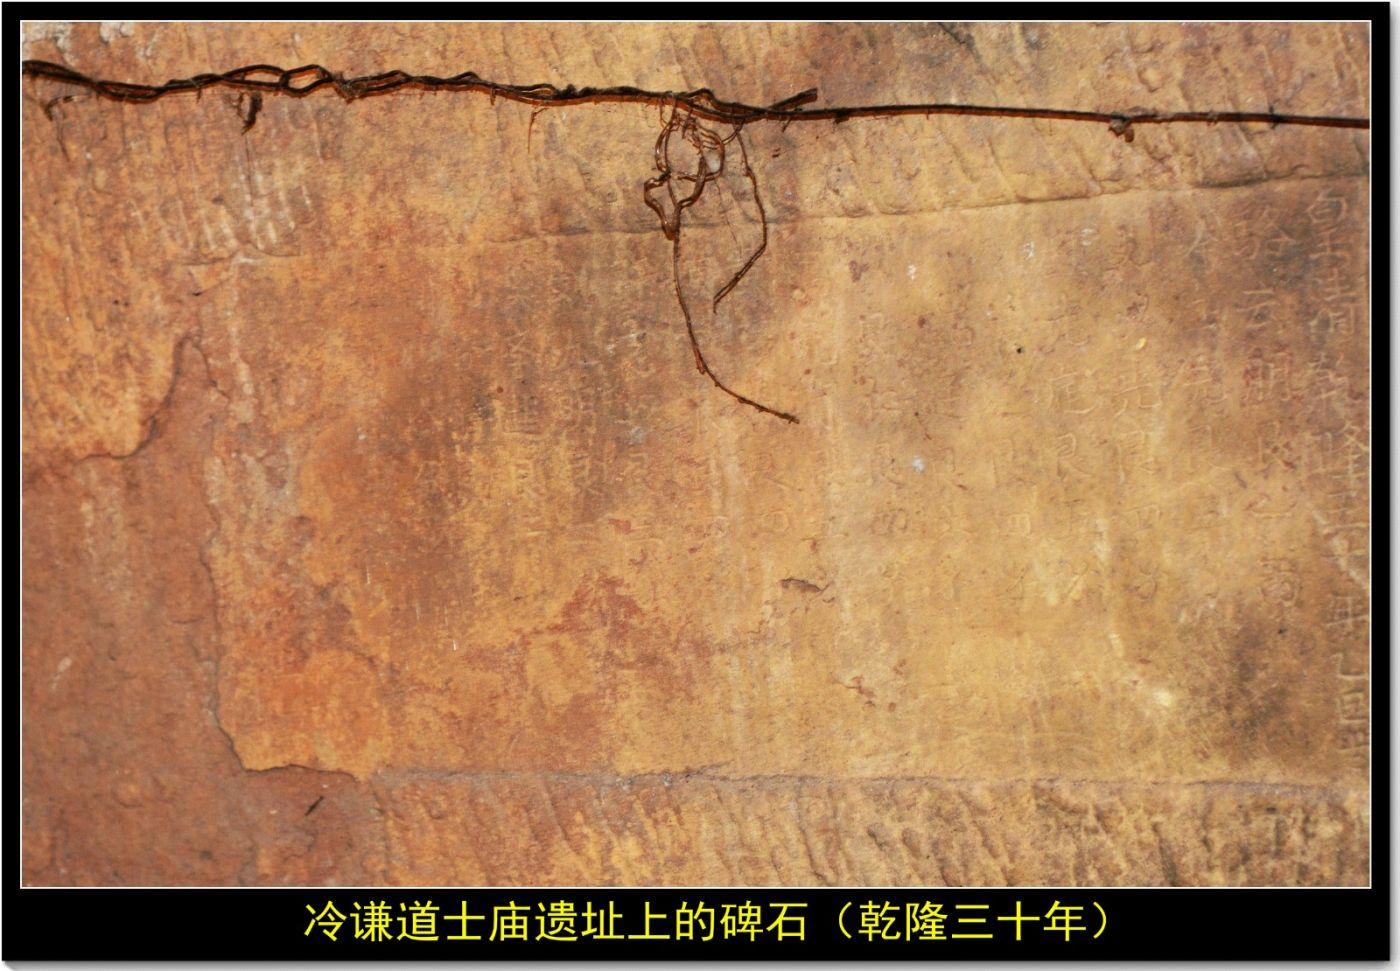 冷谦道士庙遗址考(七律)_图1-1